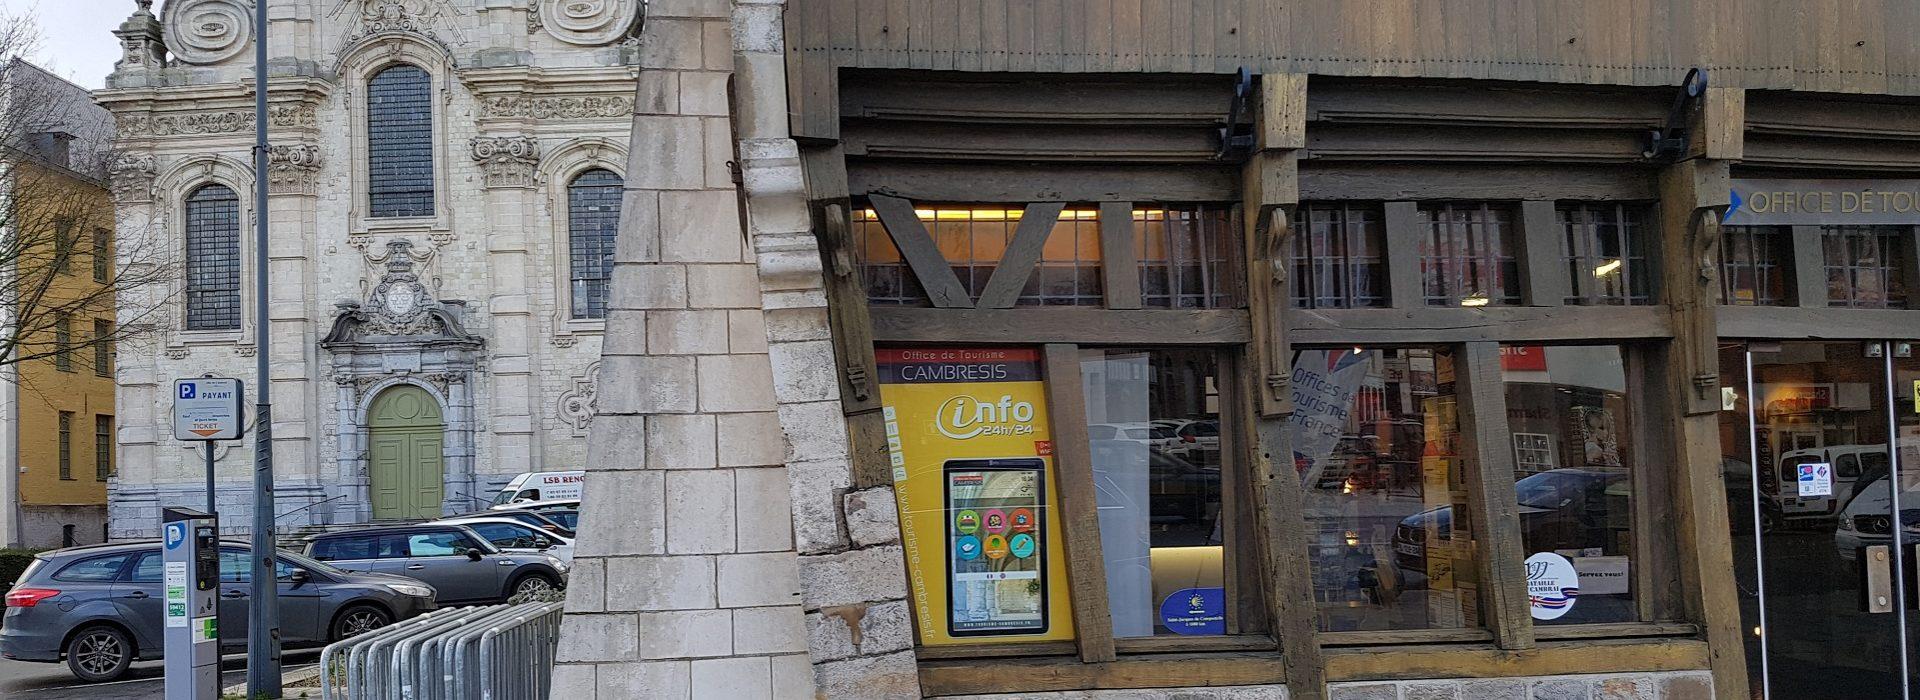 Borne touristique d'information cambrai